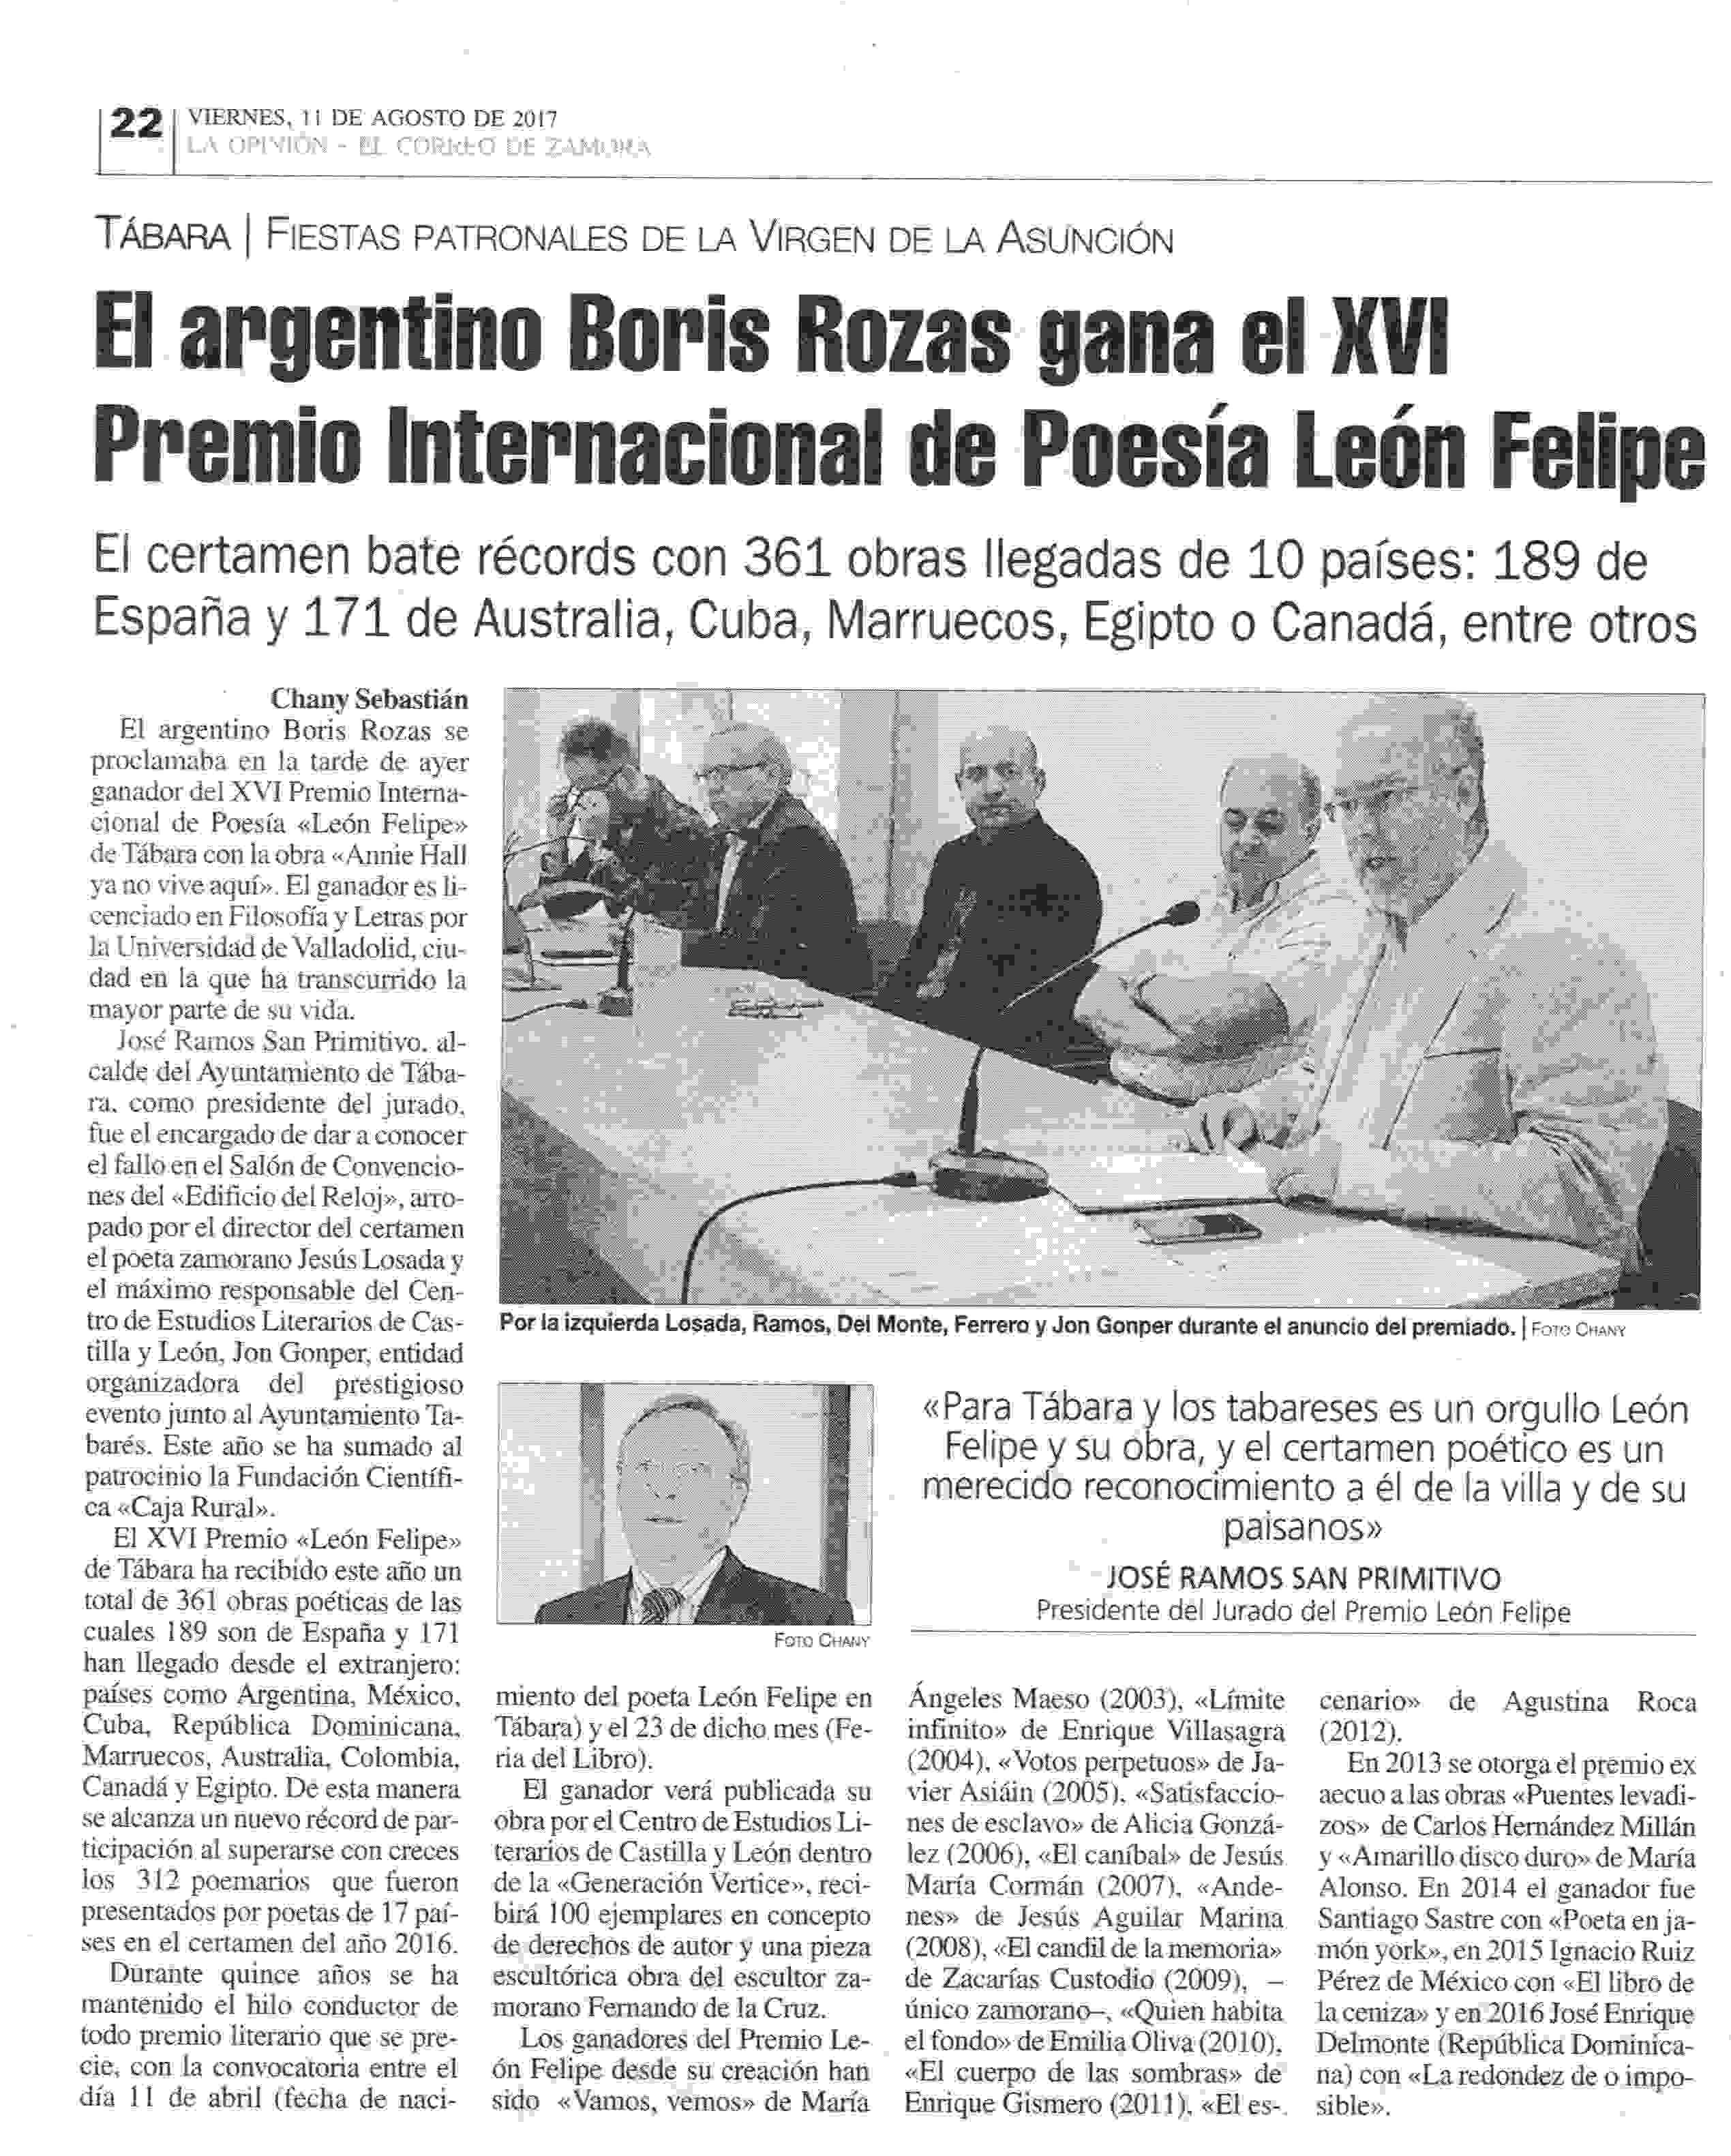 LA OPINIÓN: XVI Premio León Felipe: Boris Rozas